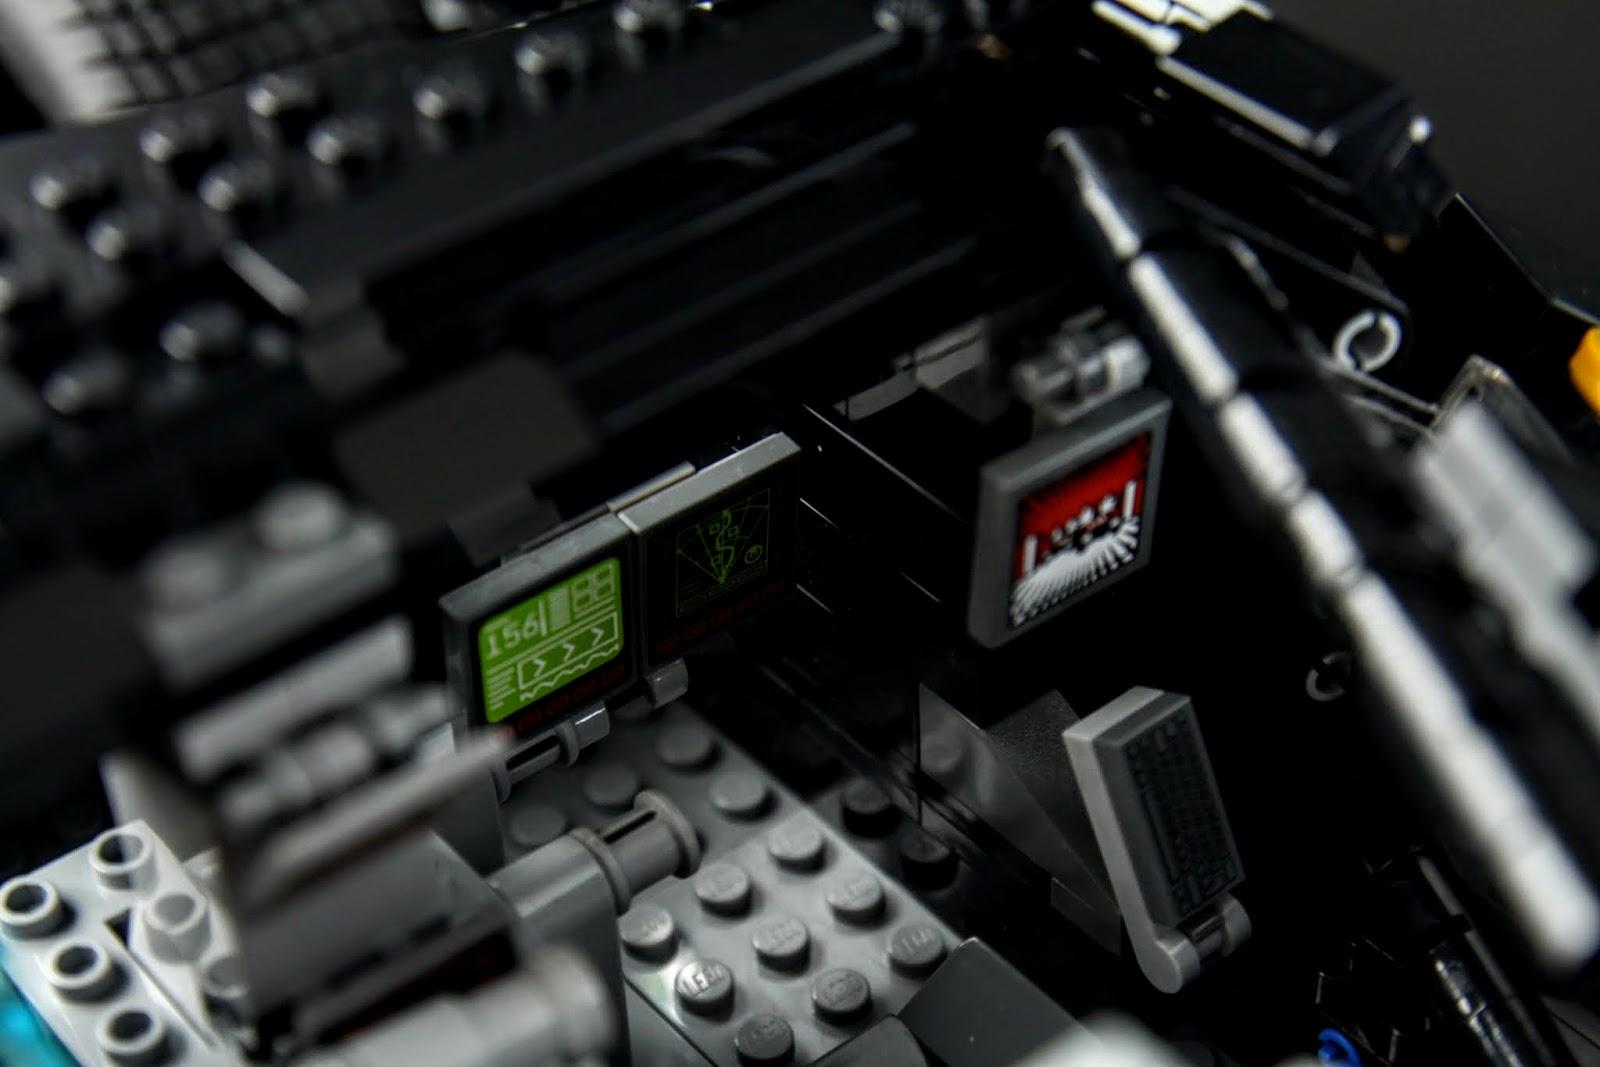 各狀態的儀表板也有用貼紙表現功能